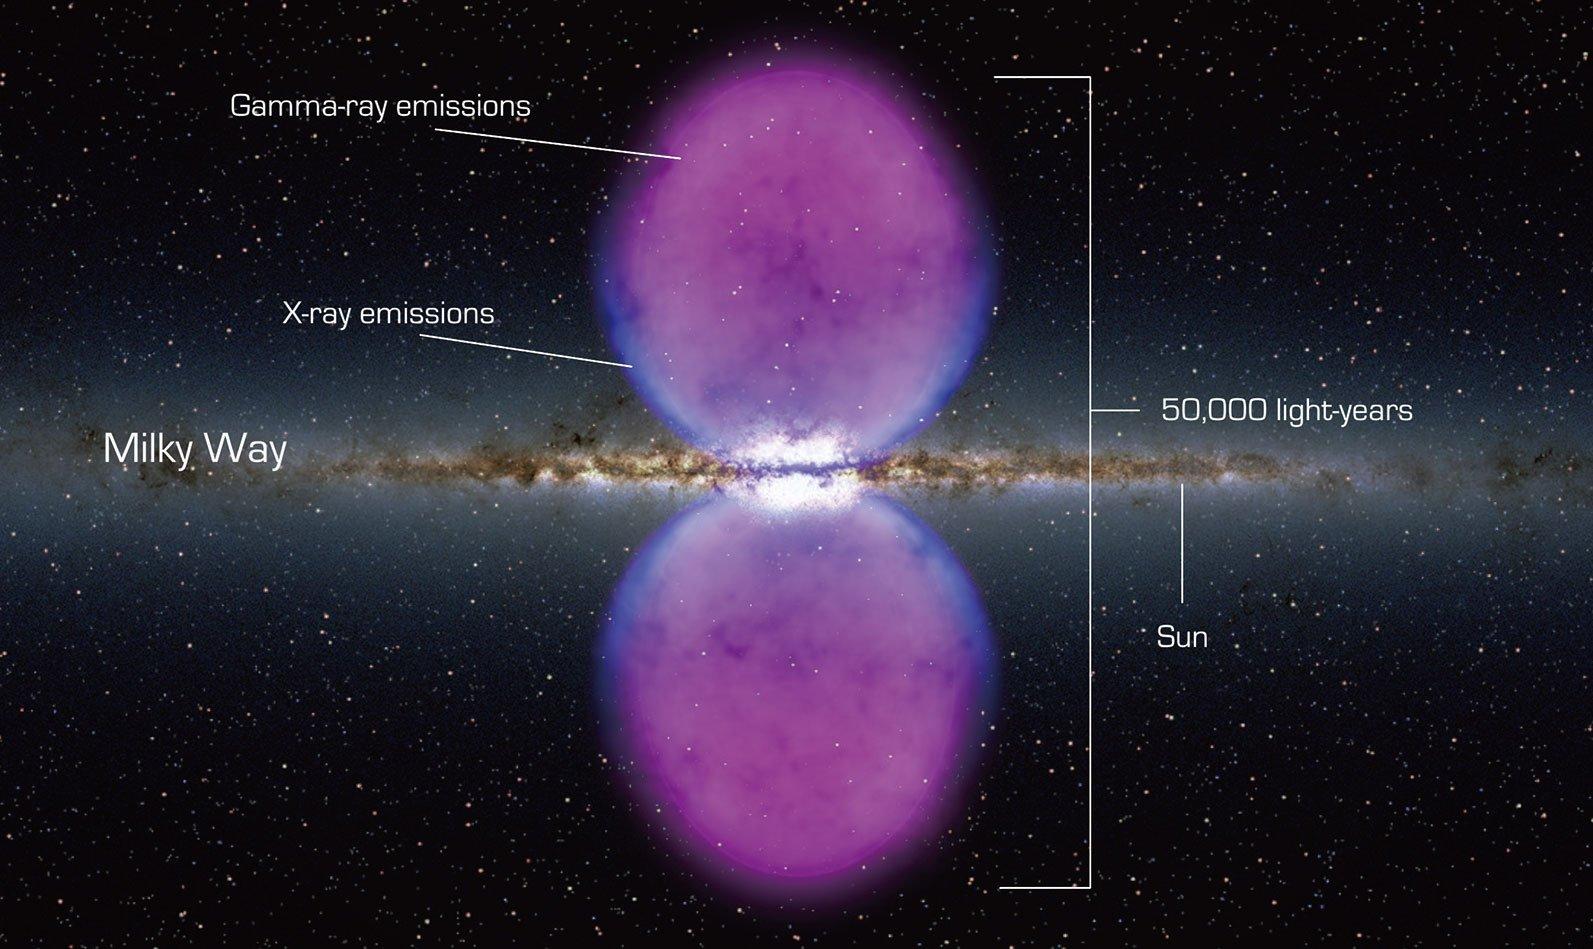 銀河系中心的一對「費米泡」( 伽瑪射線泡),如太空中兩個異常明亮的燈泡。(NASA)